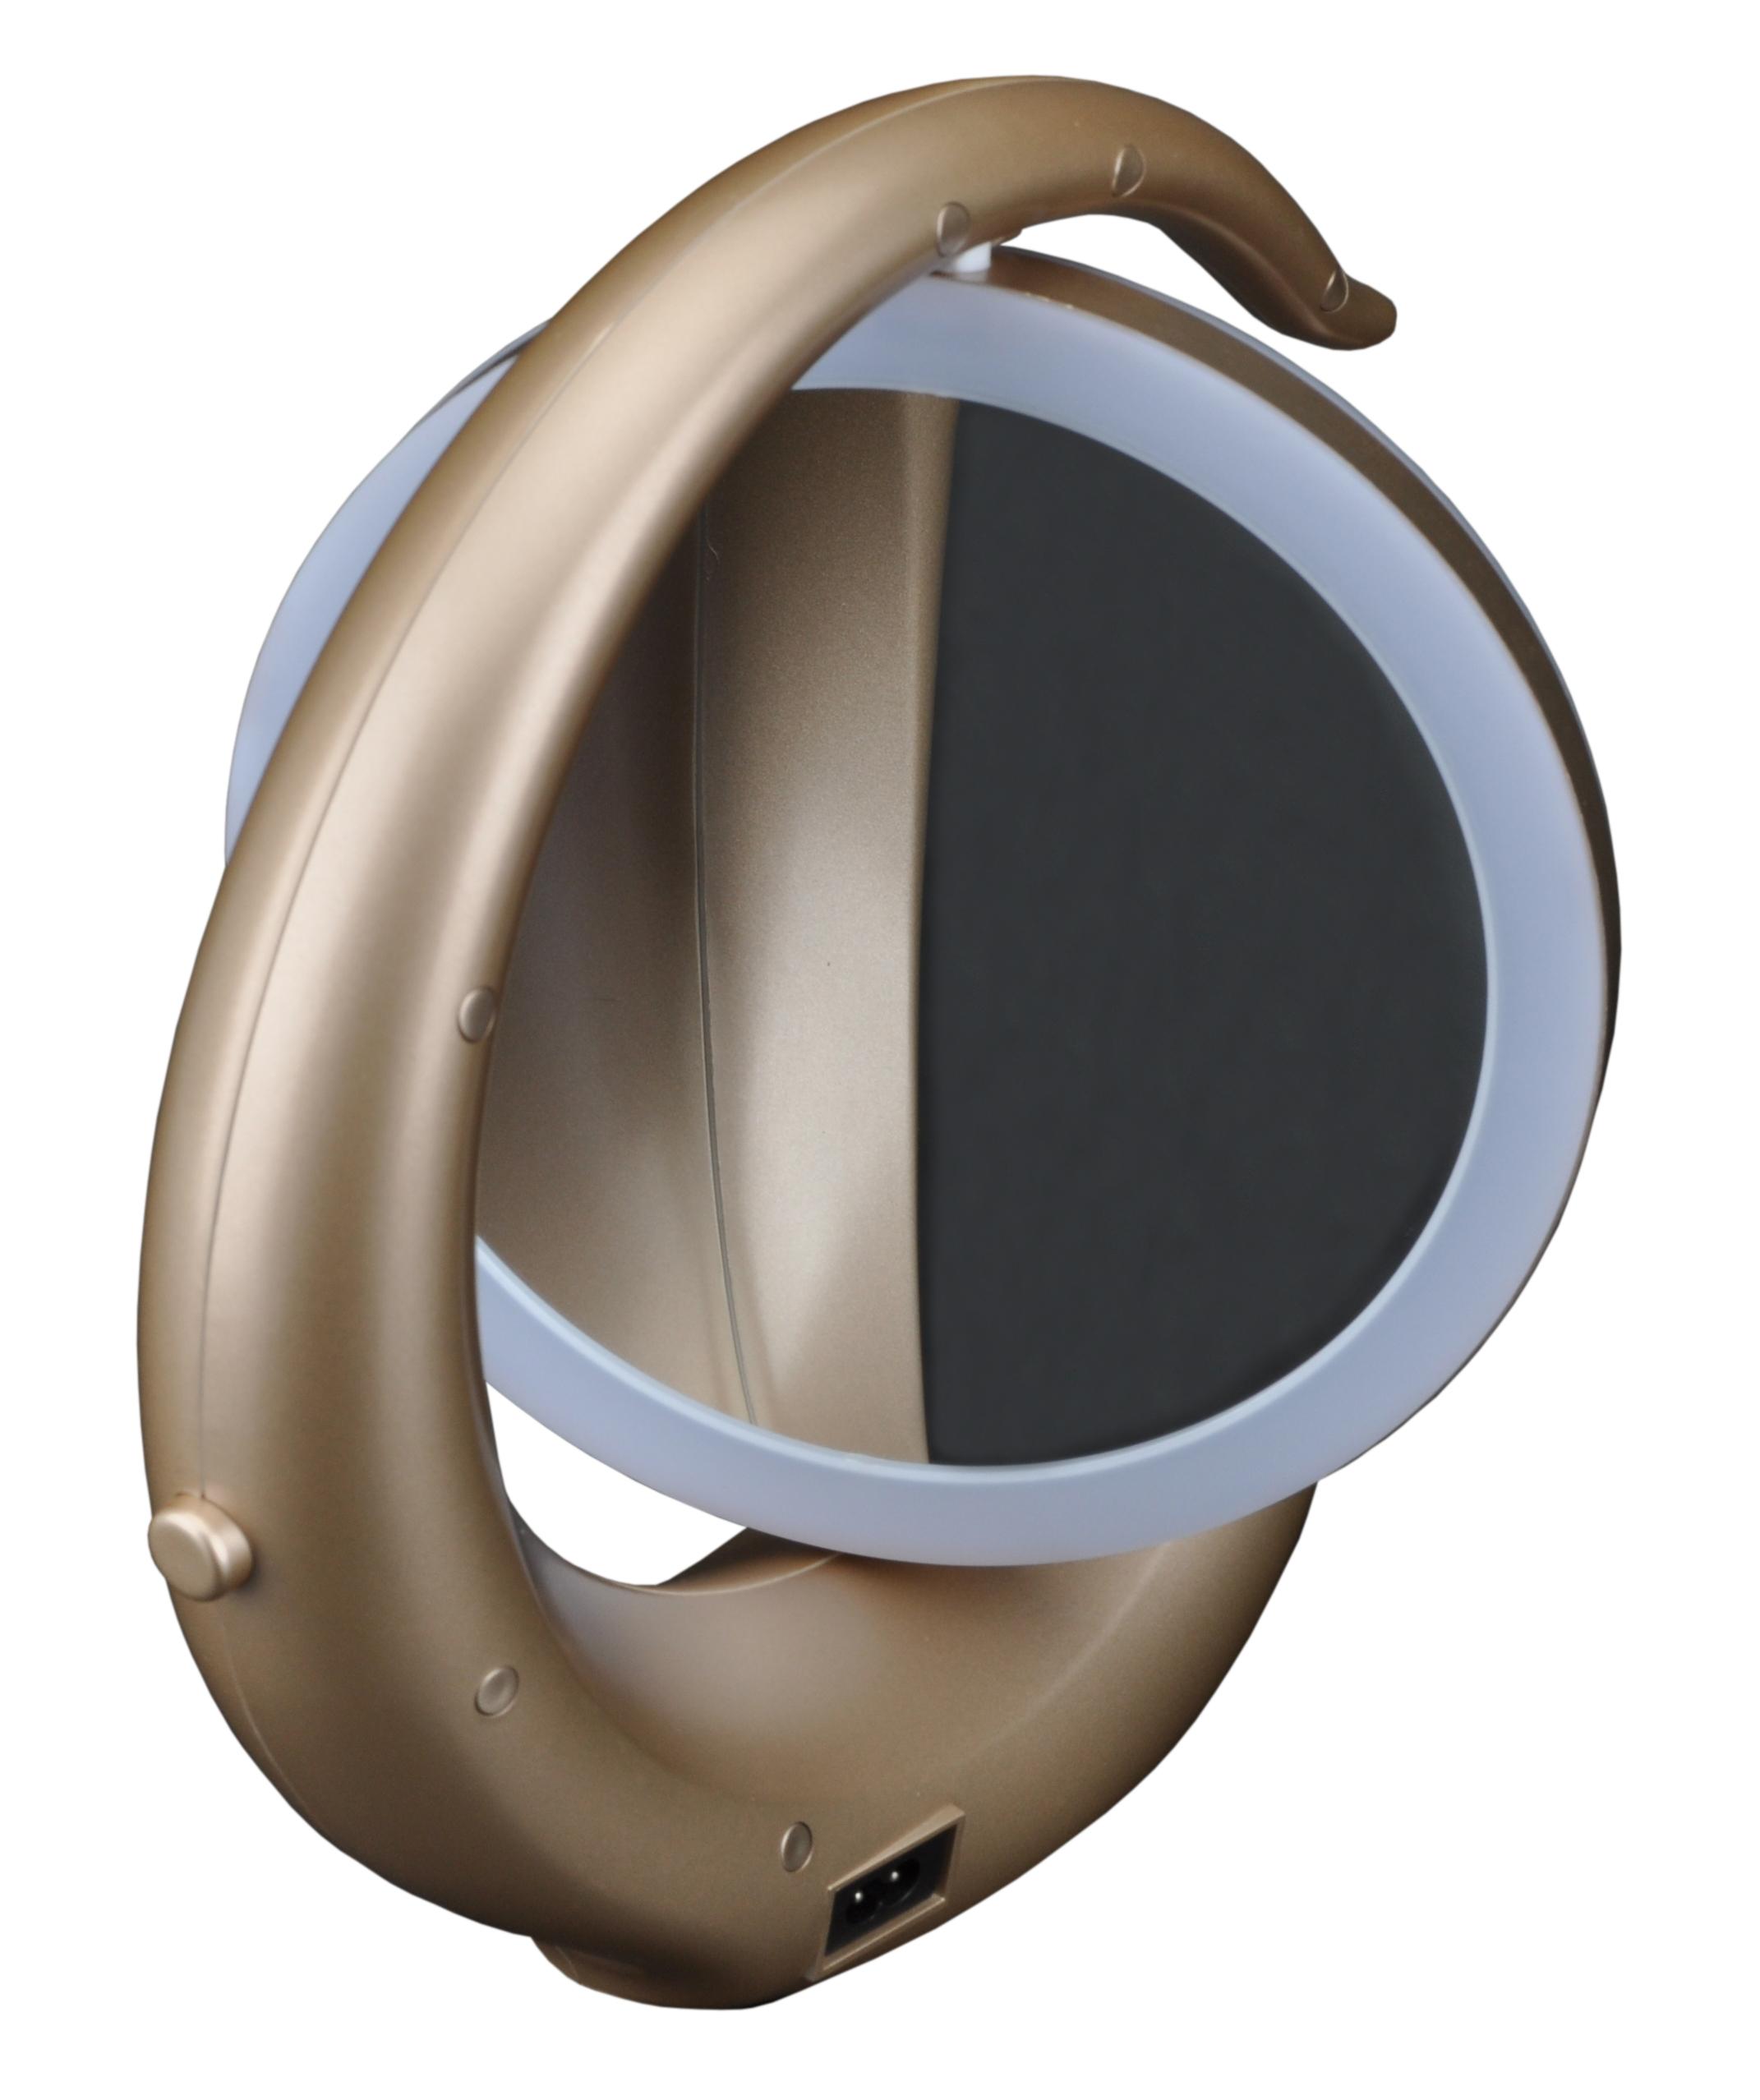 Зеркало настольное со светодиодной подсветкой золото SBL-Mr-022-Golden